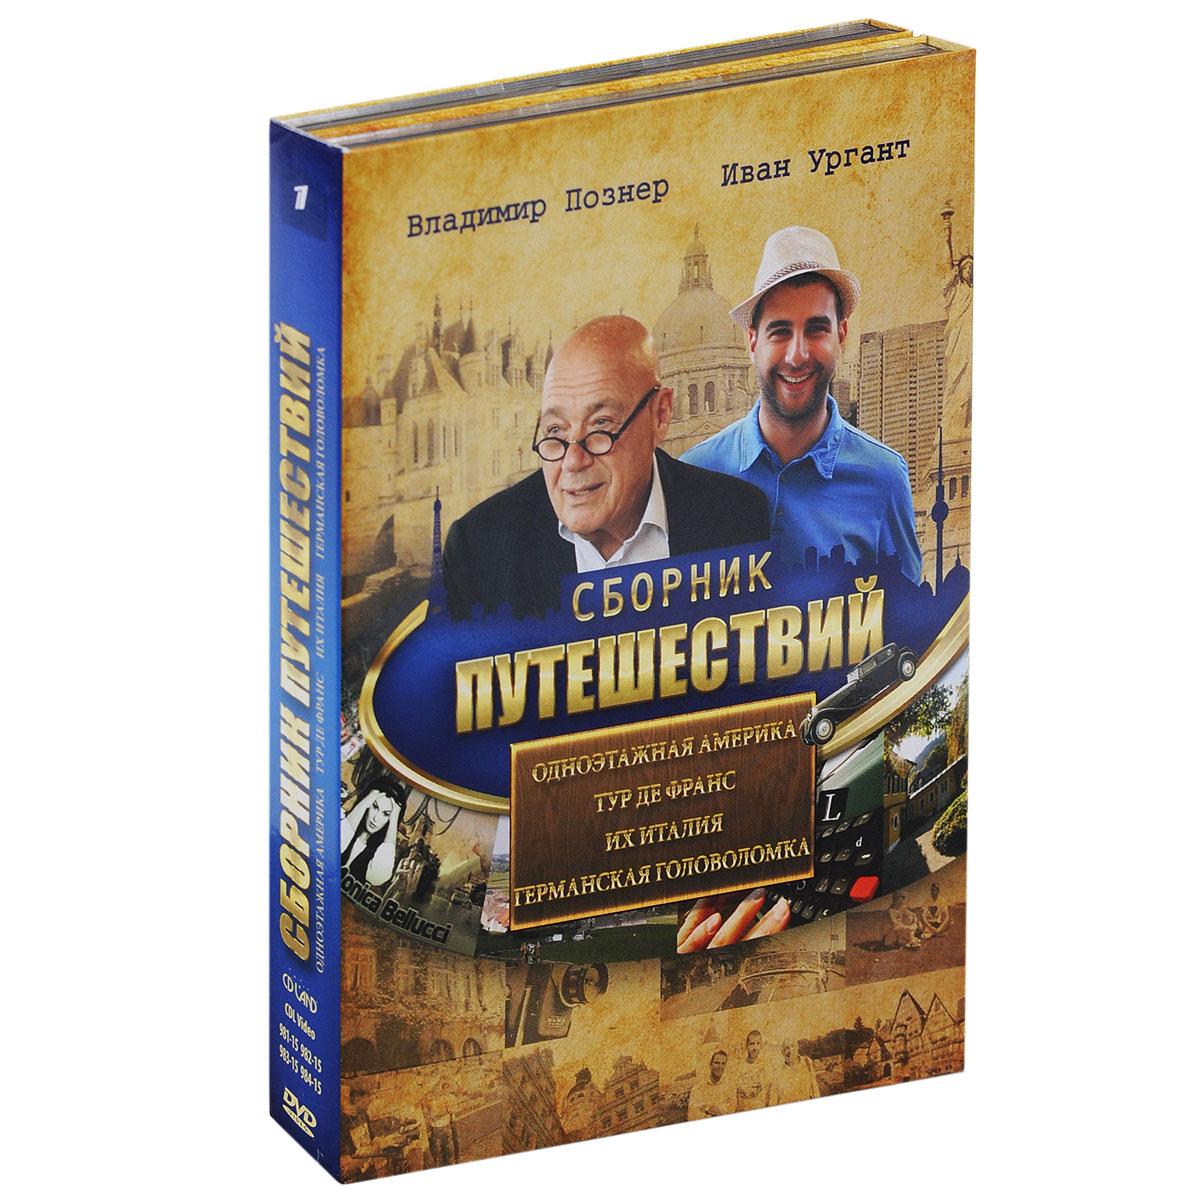 Сборник путешествий (5 DVD) музыка cd dvd cd cd 2015